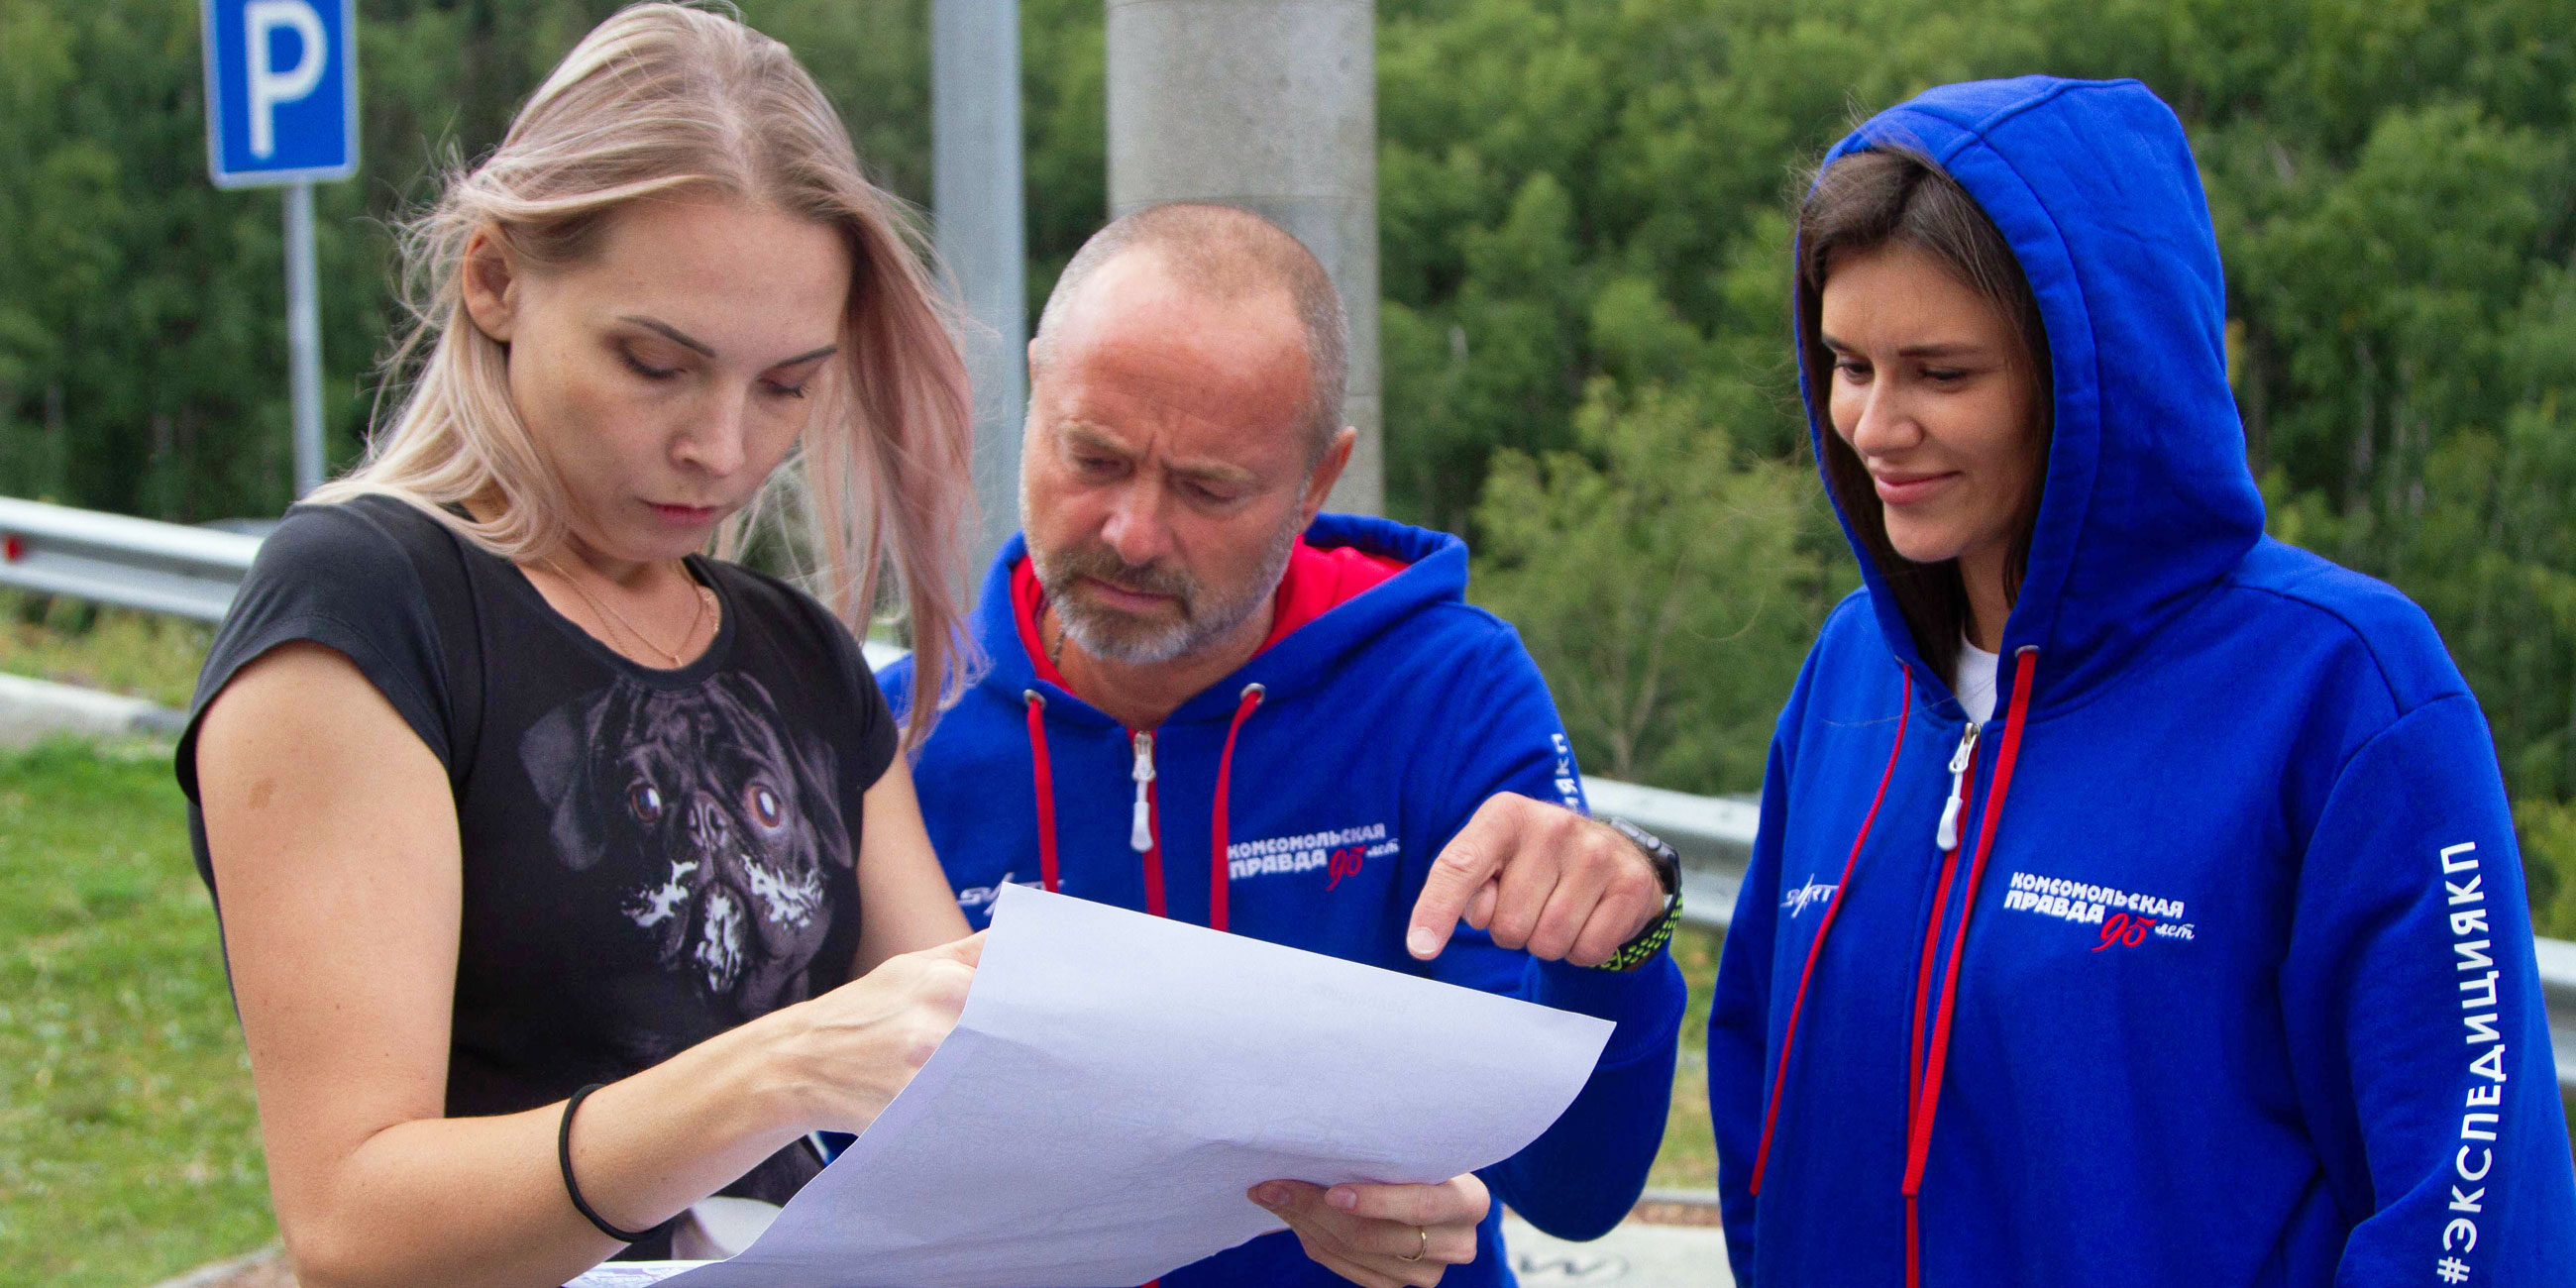 мужчина и две женщины изучают бумаги